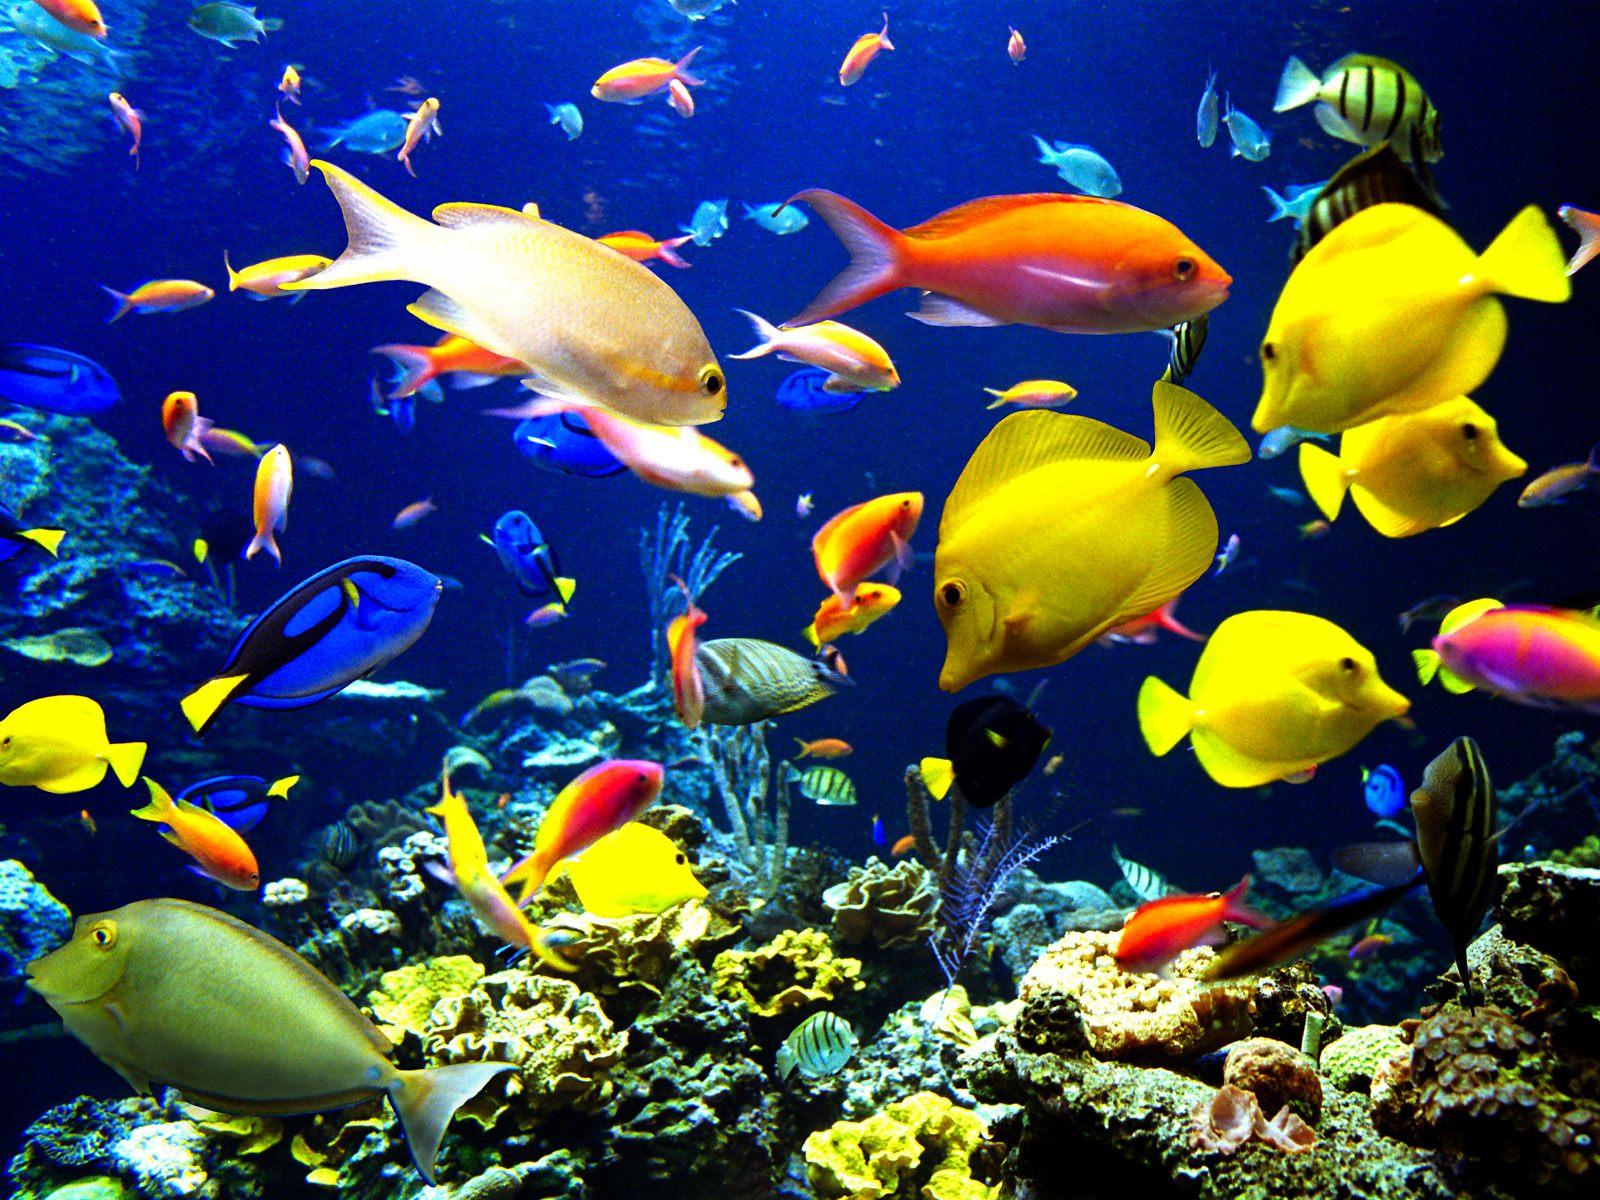 http://1.bp.blogspot.com/_CS7uSz-rIUs/TOR-nZFpRsI/AAAAAAAAAh4/ofcz0-caNy0/s1600/ocean-life-110.jpg